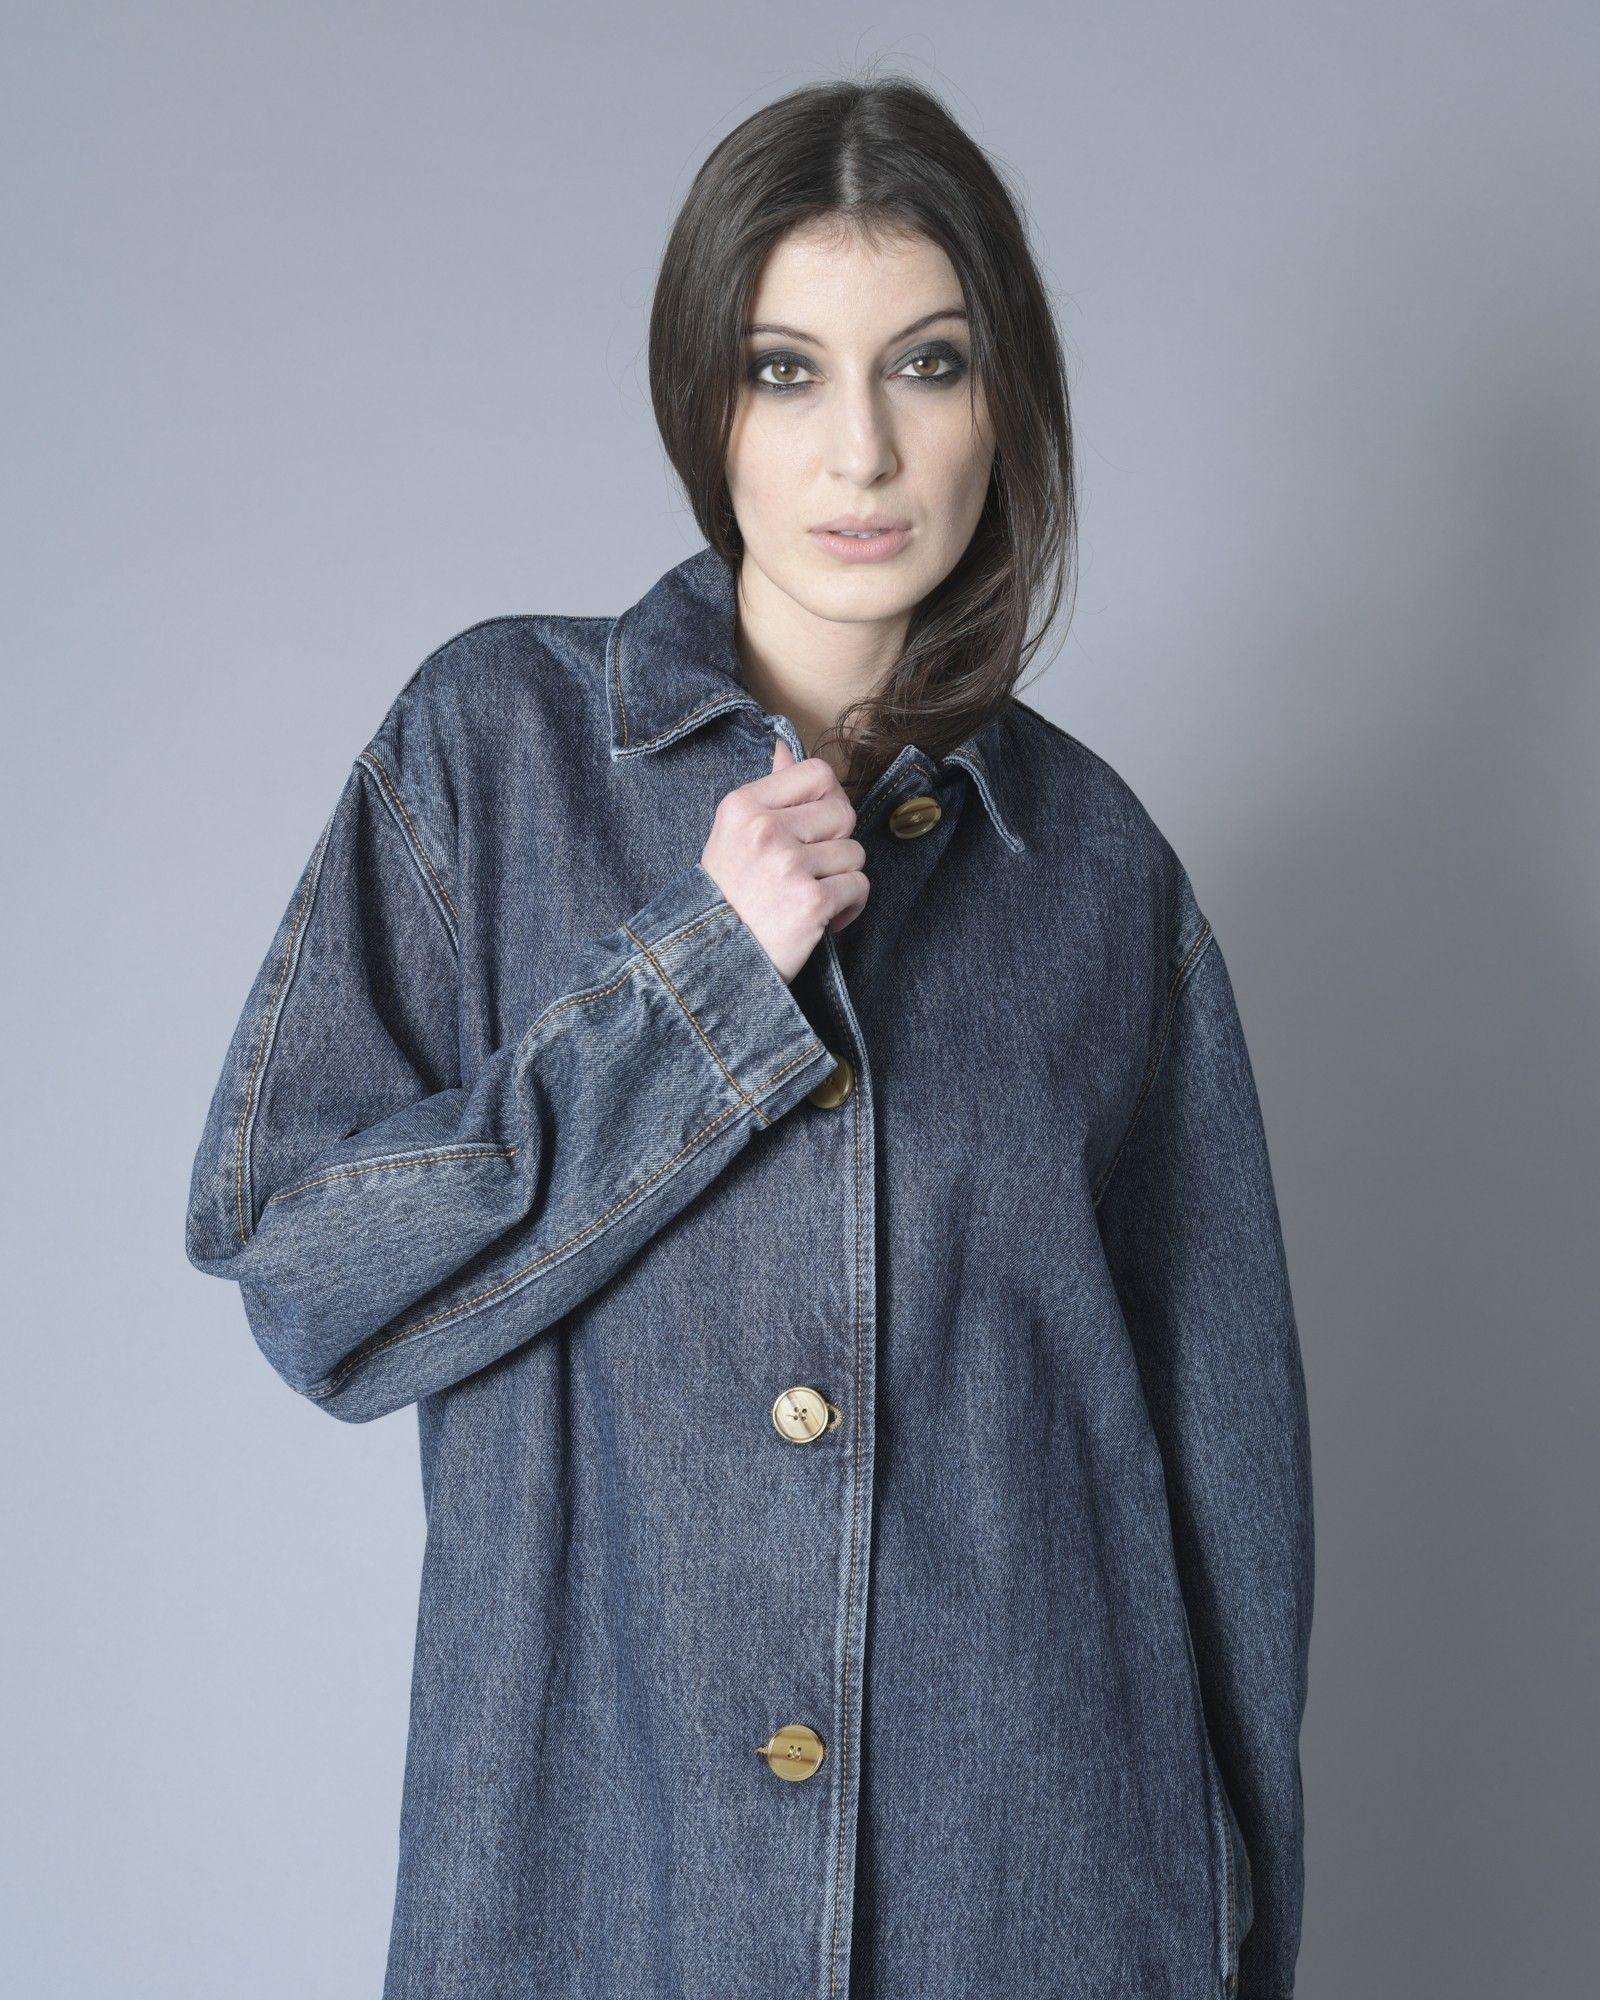 Manteau en jean bleu Alexander McQueen